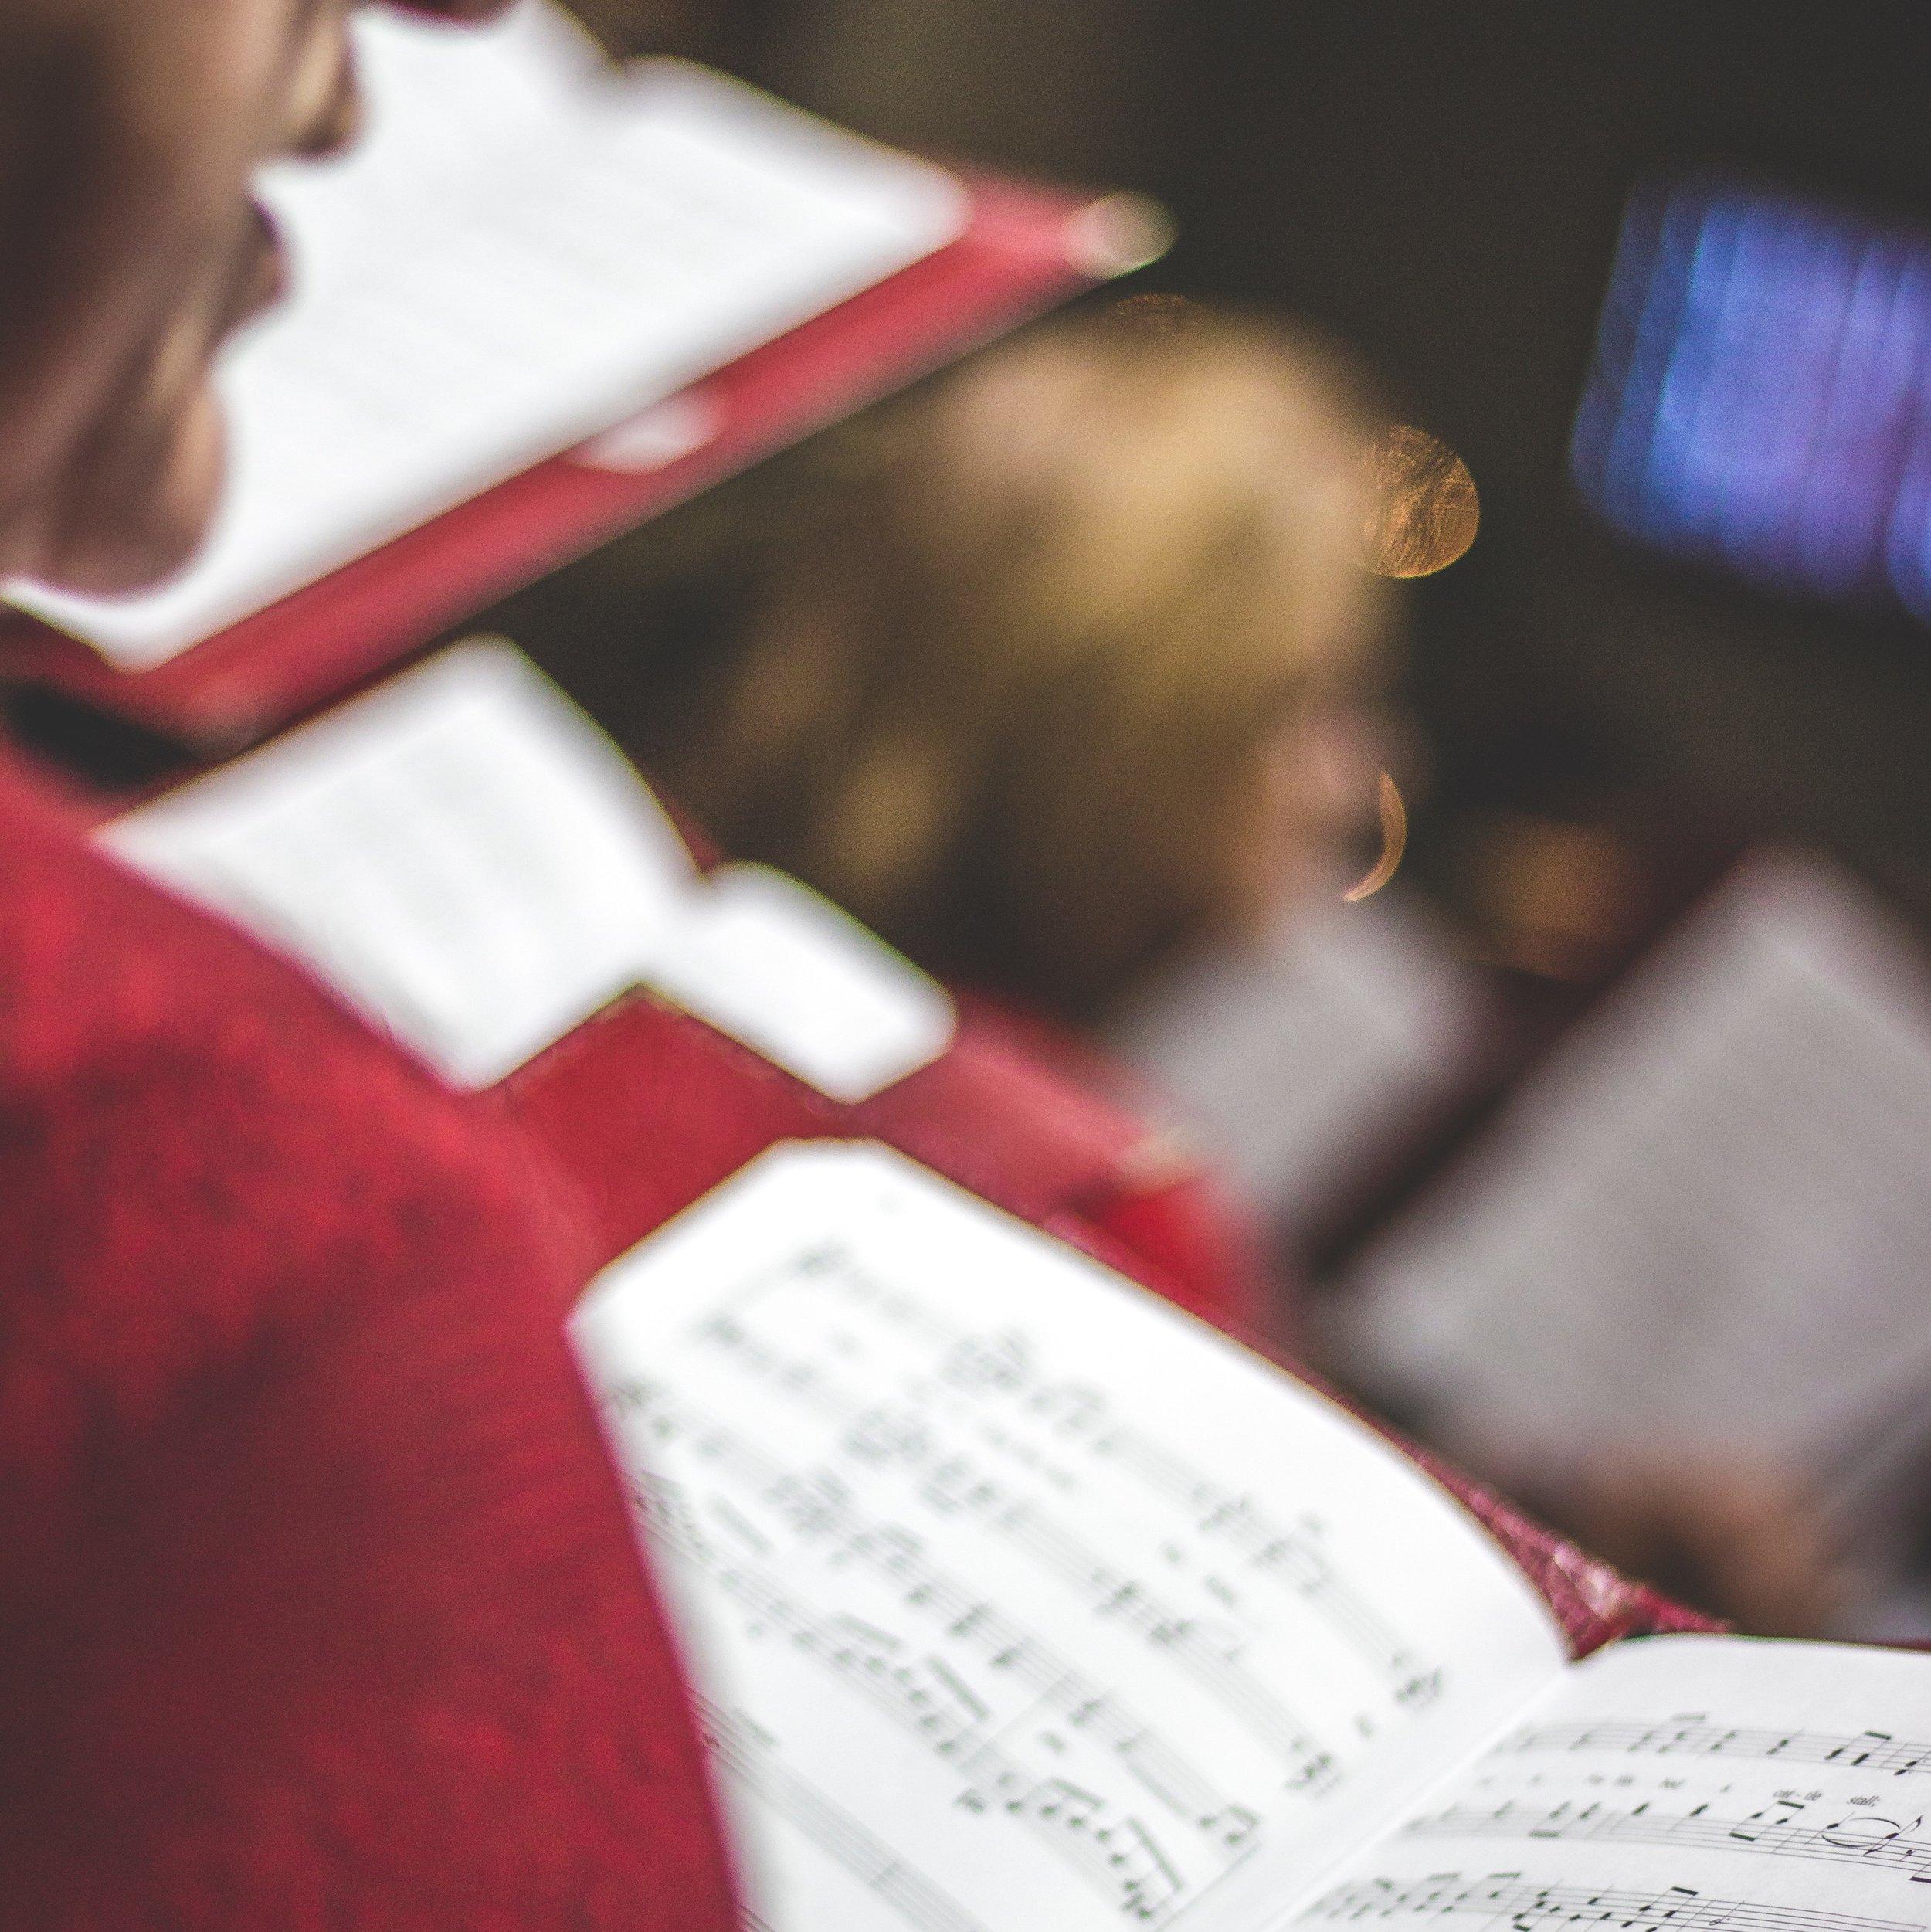 Voice of BeethovenComposition - Soms heb je zomaar een deuntje in je hoofd, zoals 'tatatataaaaaaa!!' van Beethoven. Met deze en andere melodieën gaan we aan de slag. Eerst met de stem - want iedereen kan een melodietje zingen - veranderen en er zijn eigen ding van maken! Maar ook op je instrument kan je meedoen. We werken als groep toe naar een geheel eigen stuk, met melodietjes die jij vaak hoort of in je hoofd hebt. The Voice of Beethoven!